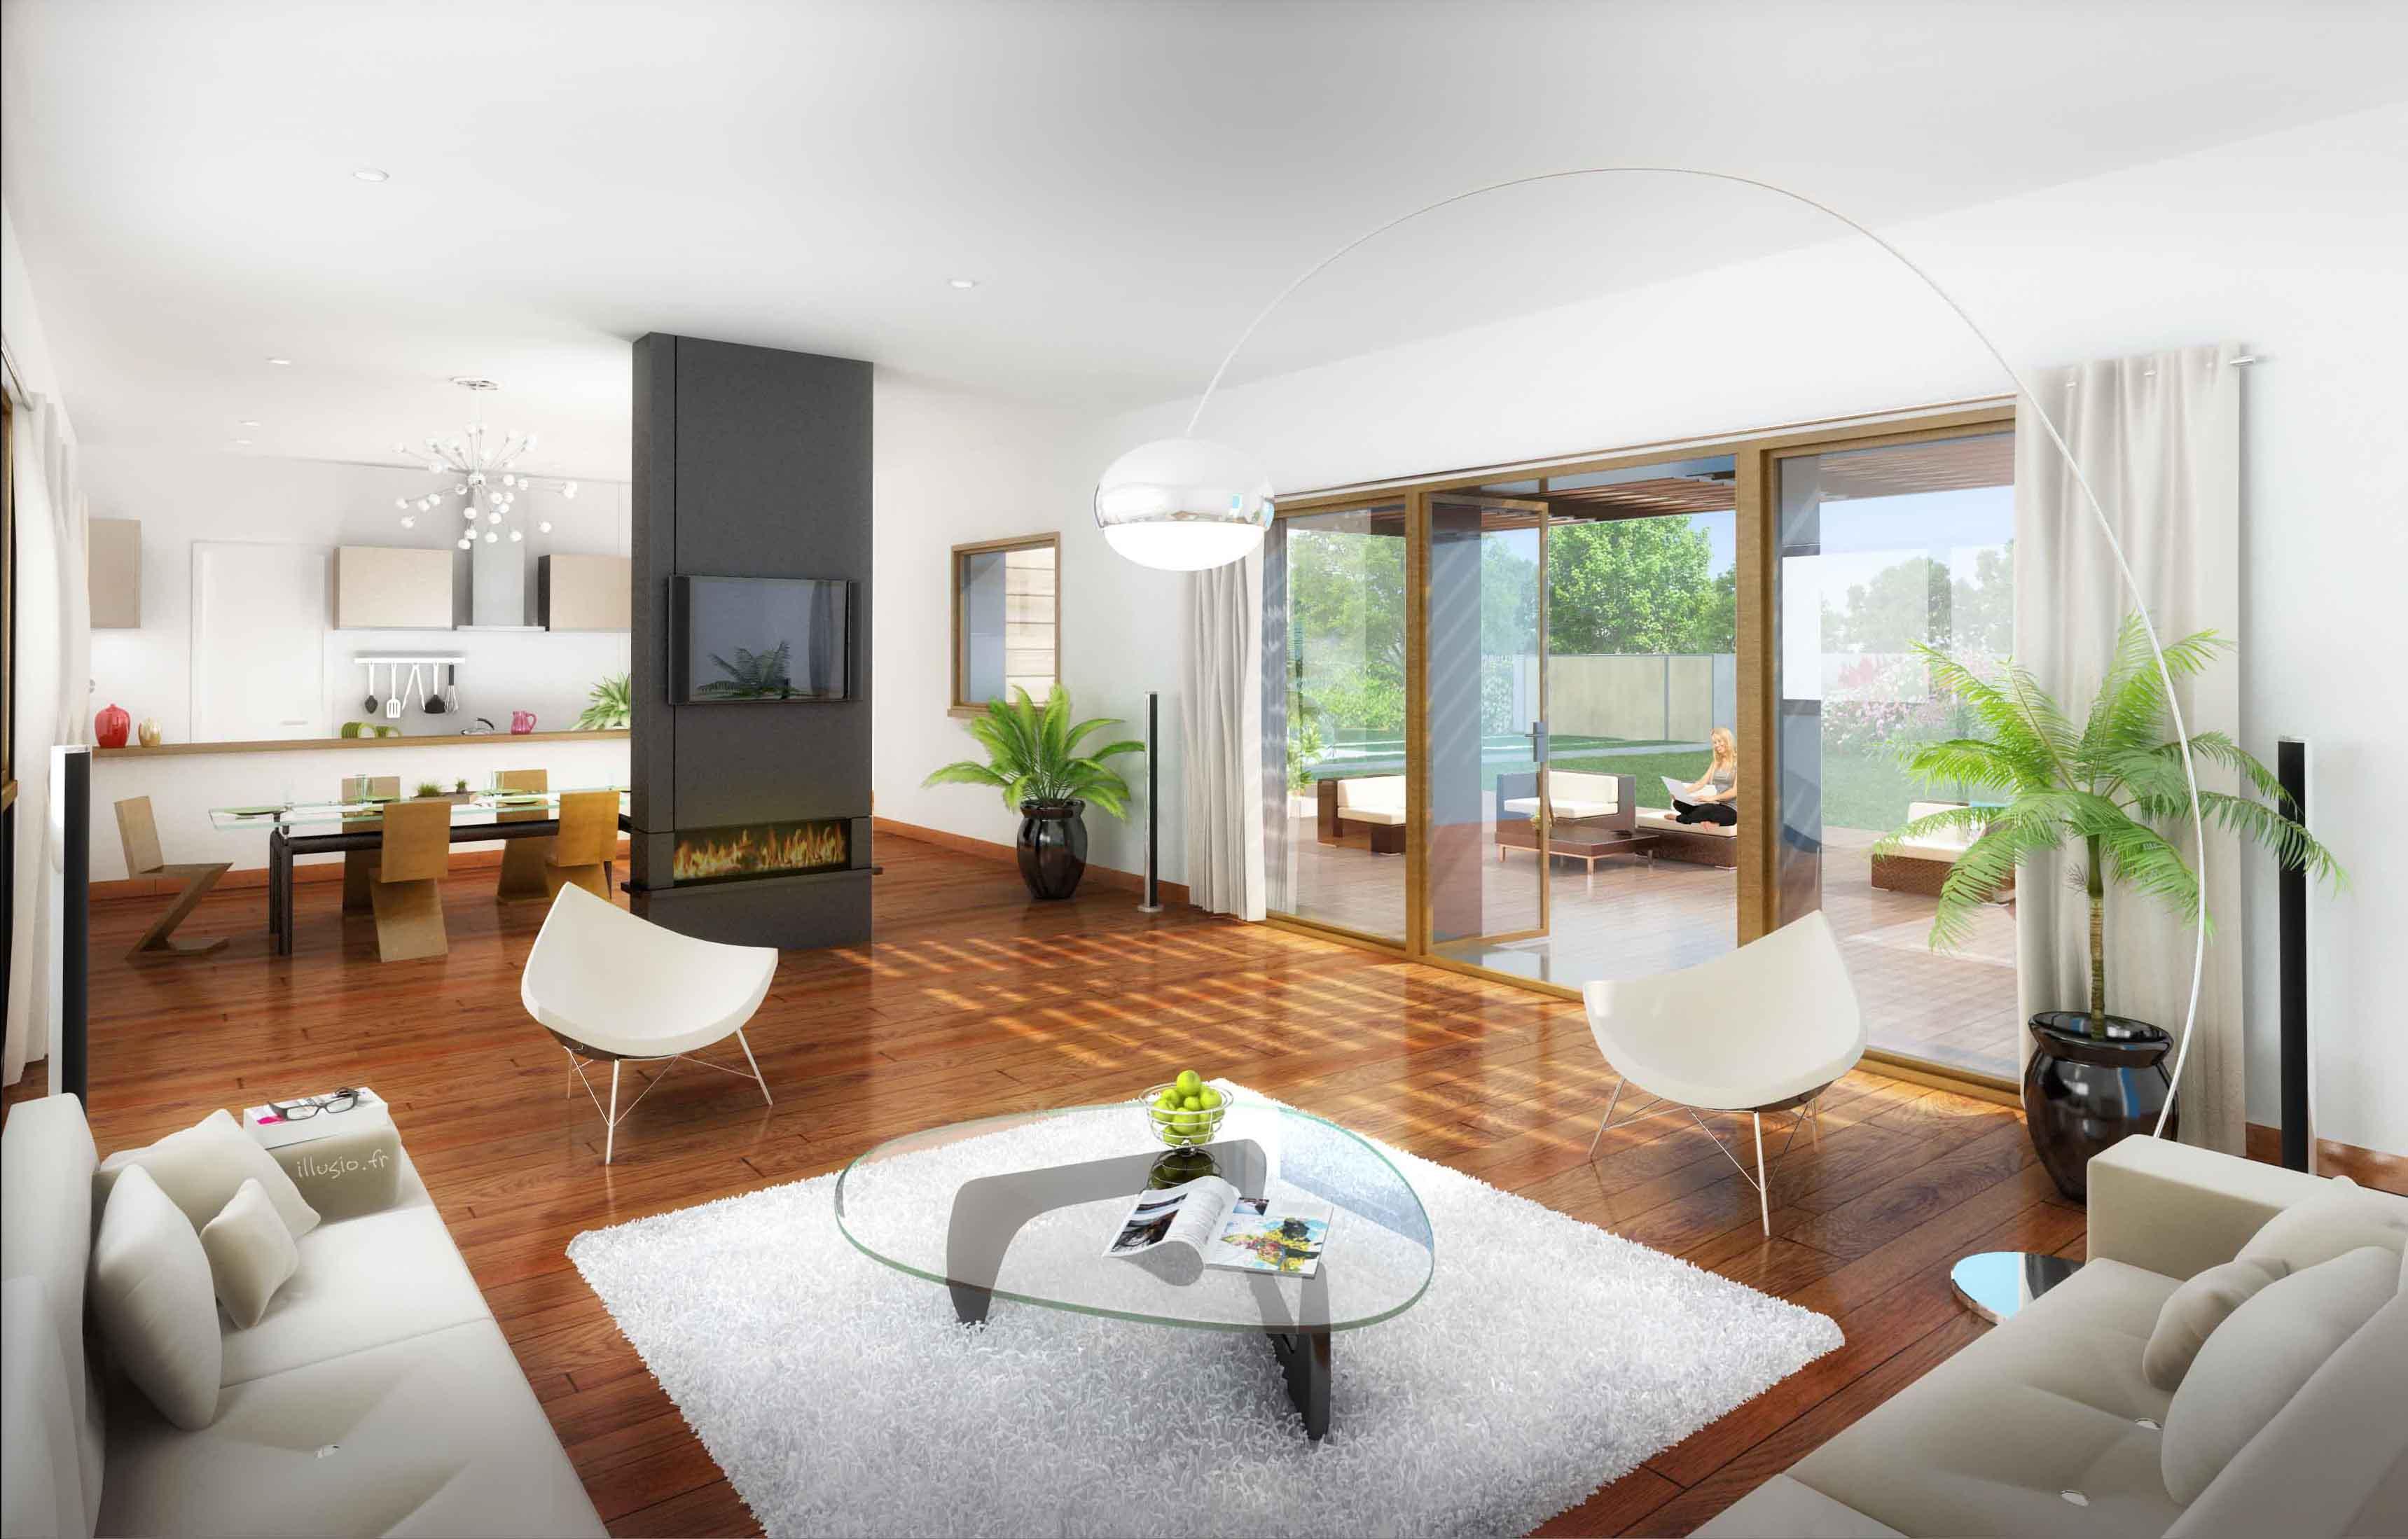 Exemple d interieur de maison - Exemple interieur maison ...